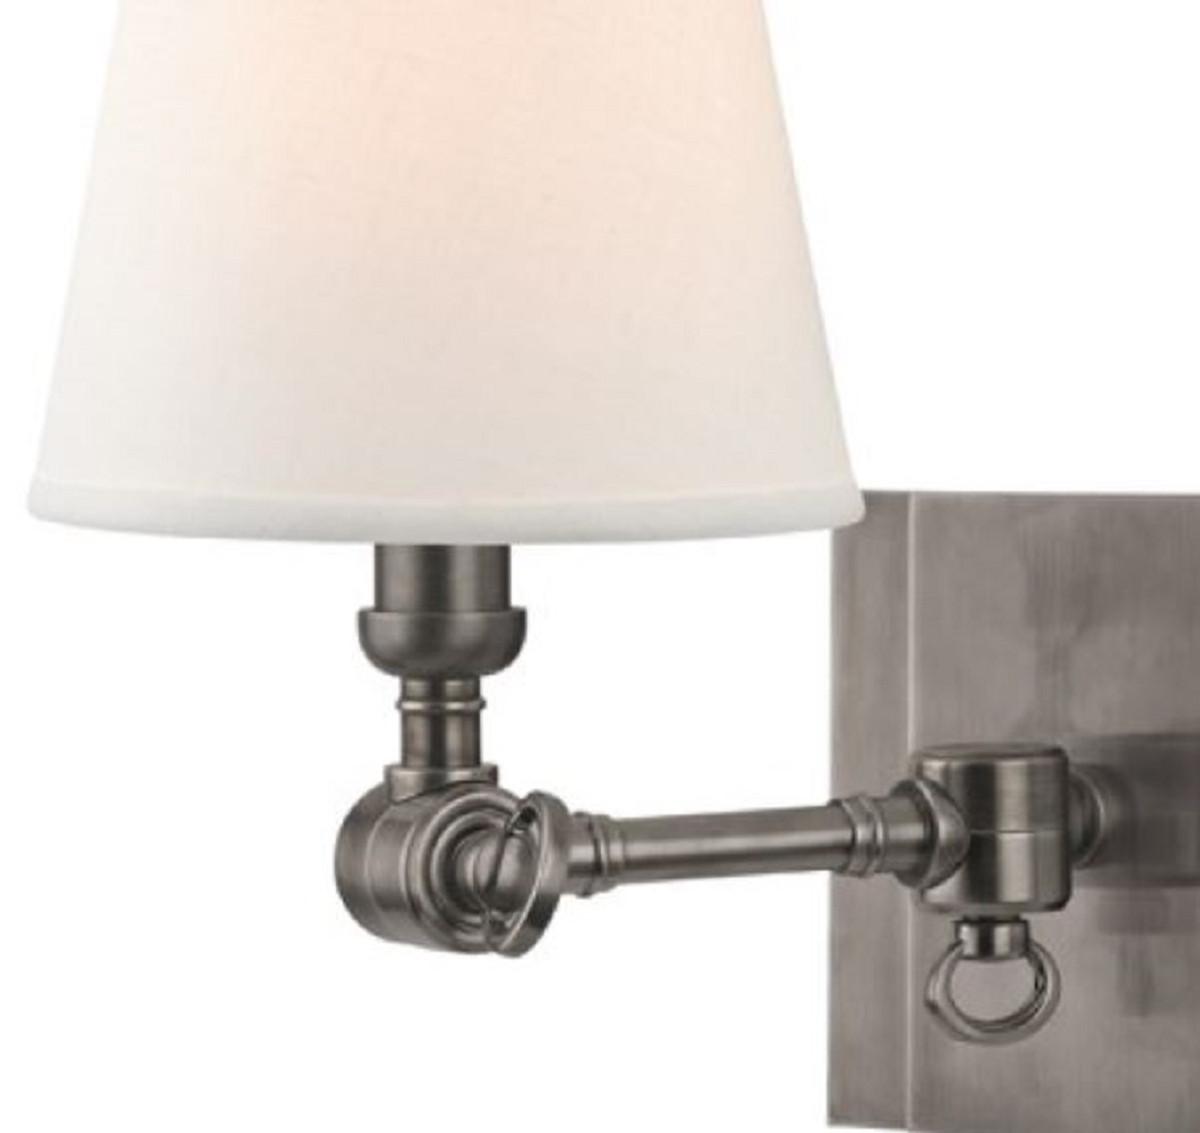 Lampade Da Parete Con Braccio casa padrino lampada da parete di lusso argento antico / bianco 15,2 x 24,1  x h. 25,4 cm - lampada da parete con braccio girevole